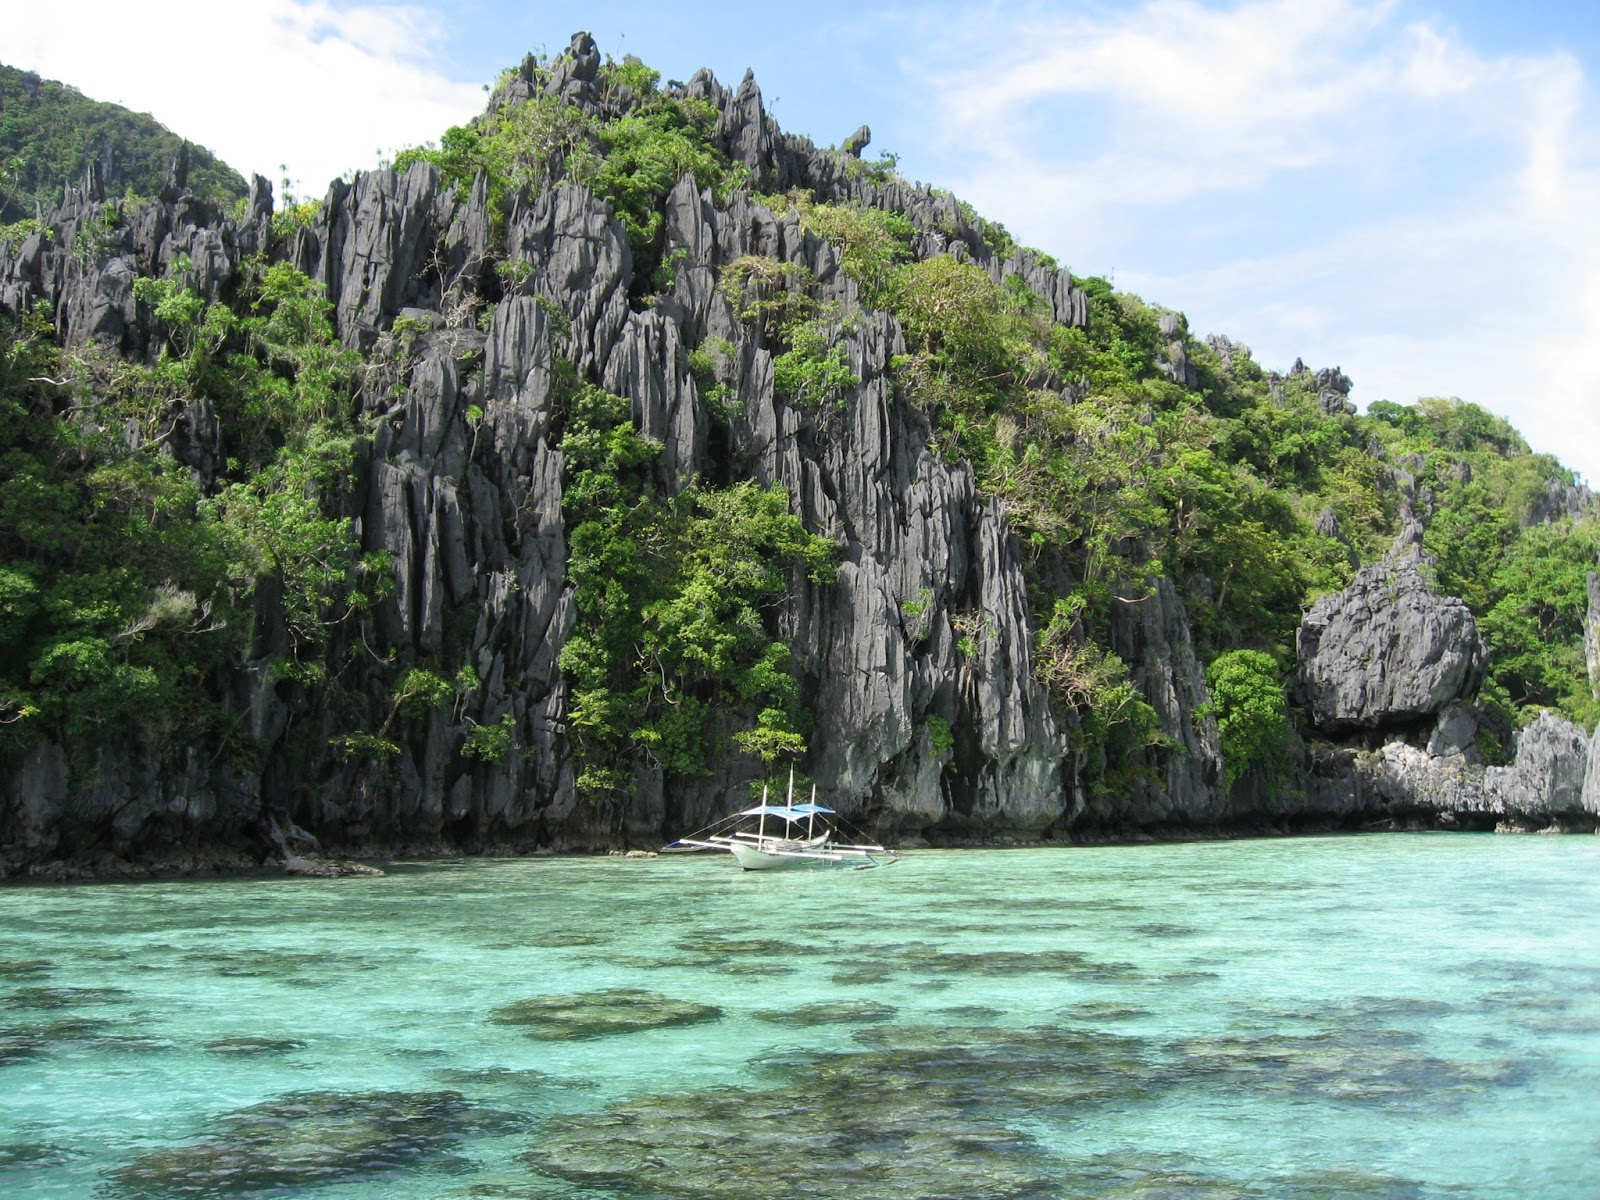 Palawan- Sentro din ng turismo dahil sa magagandang pasyalan at